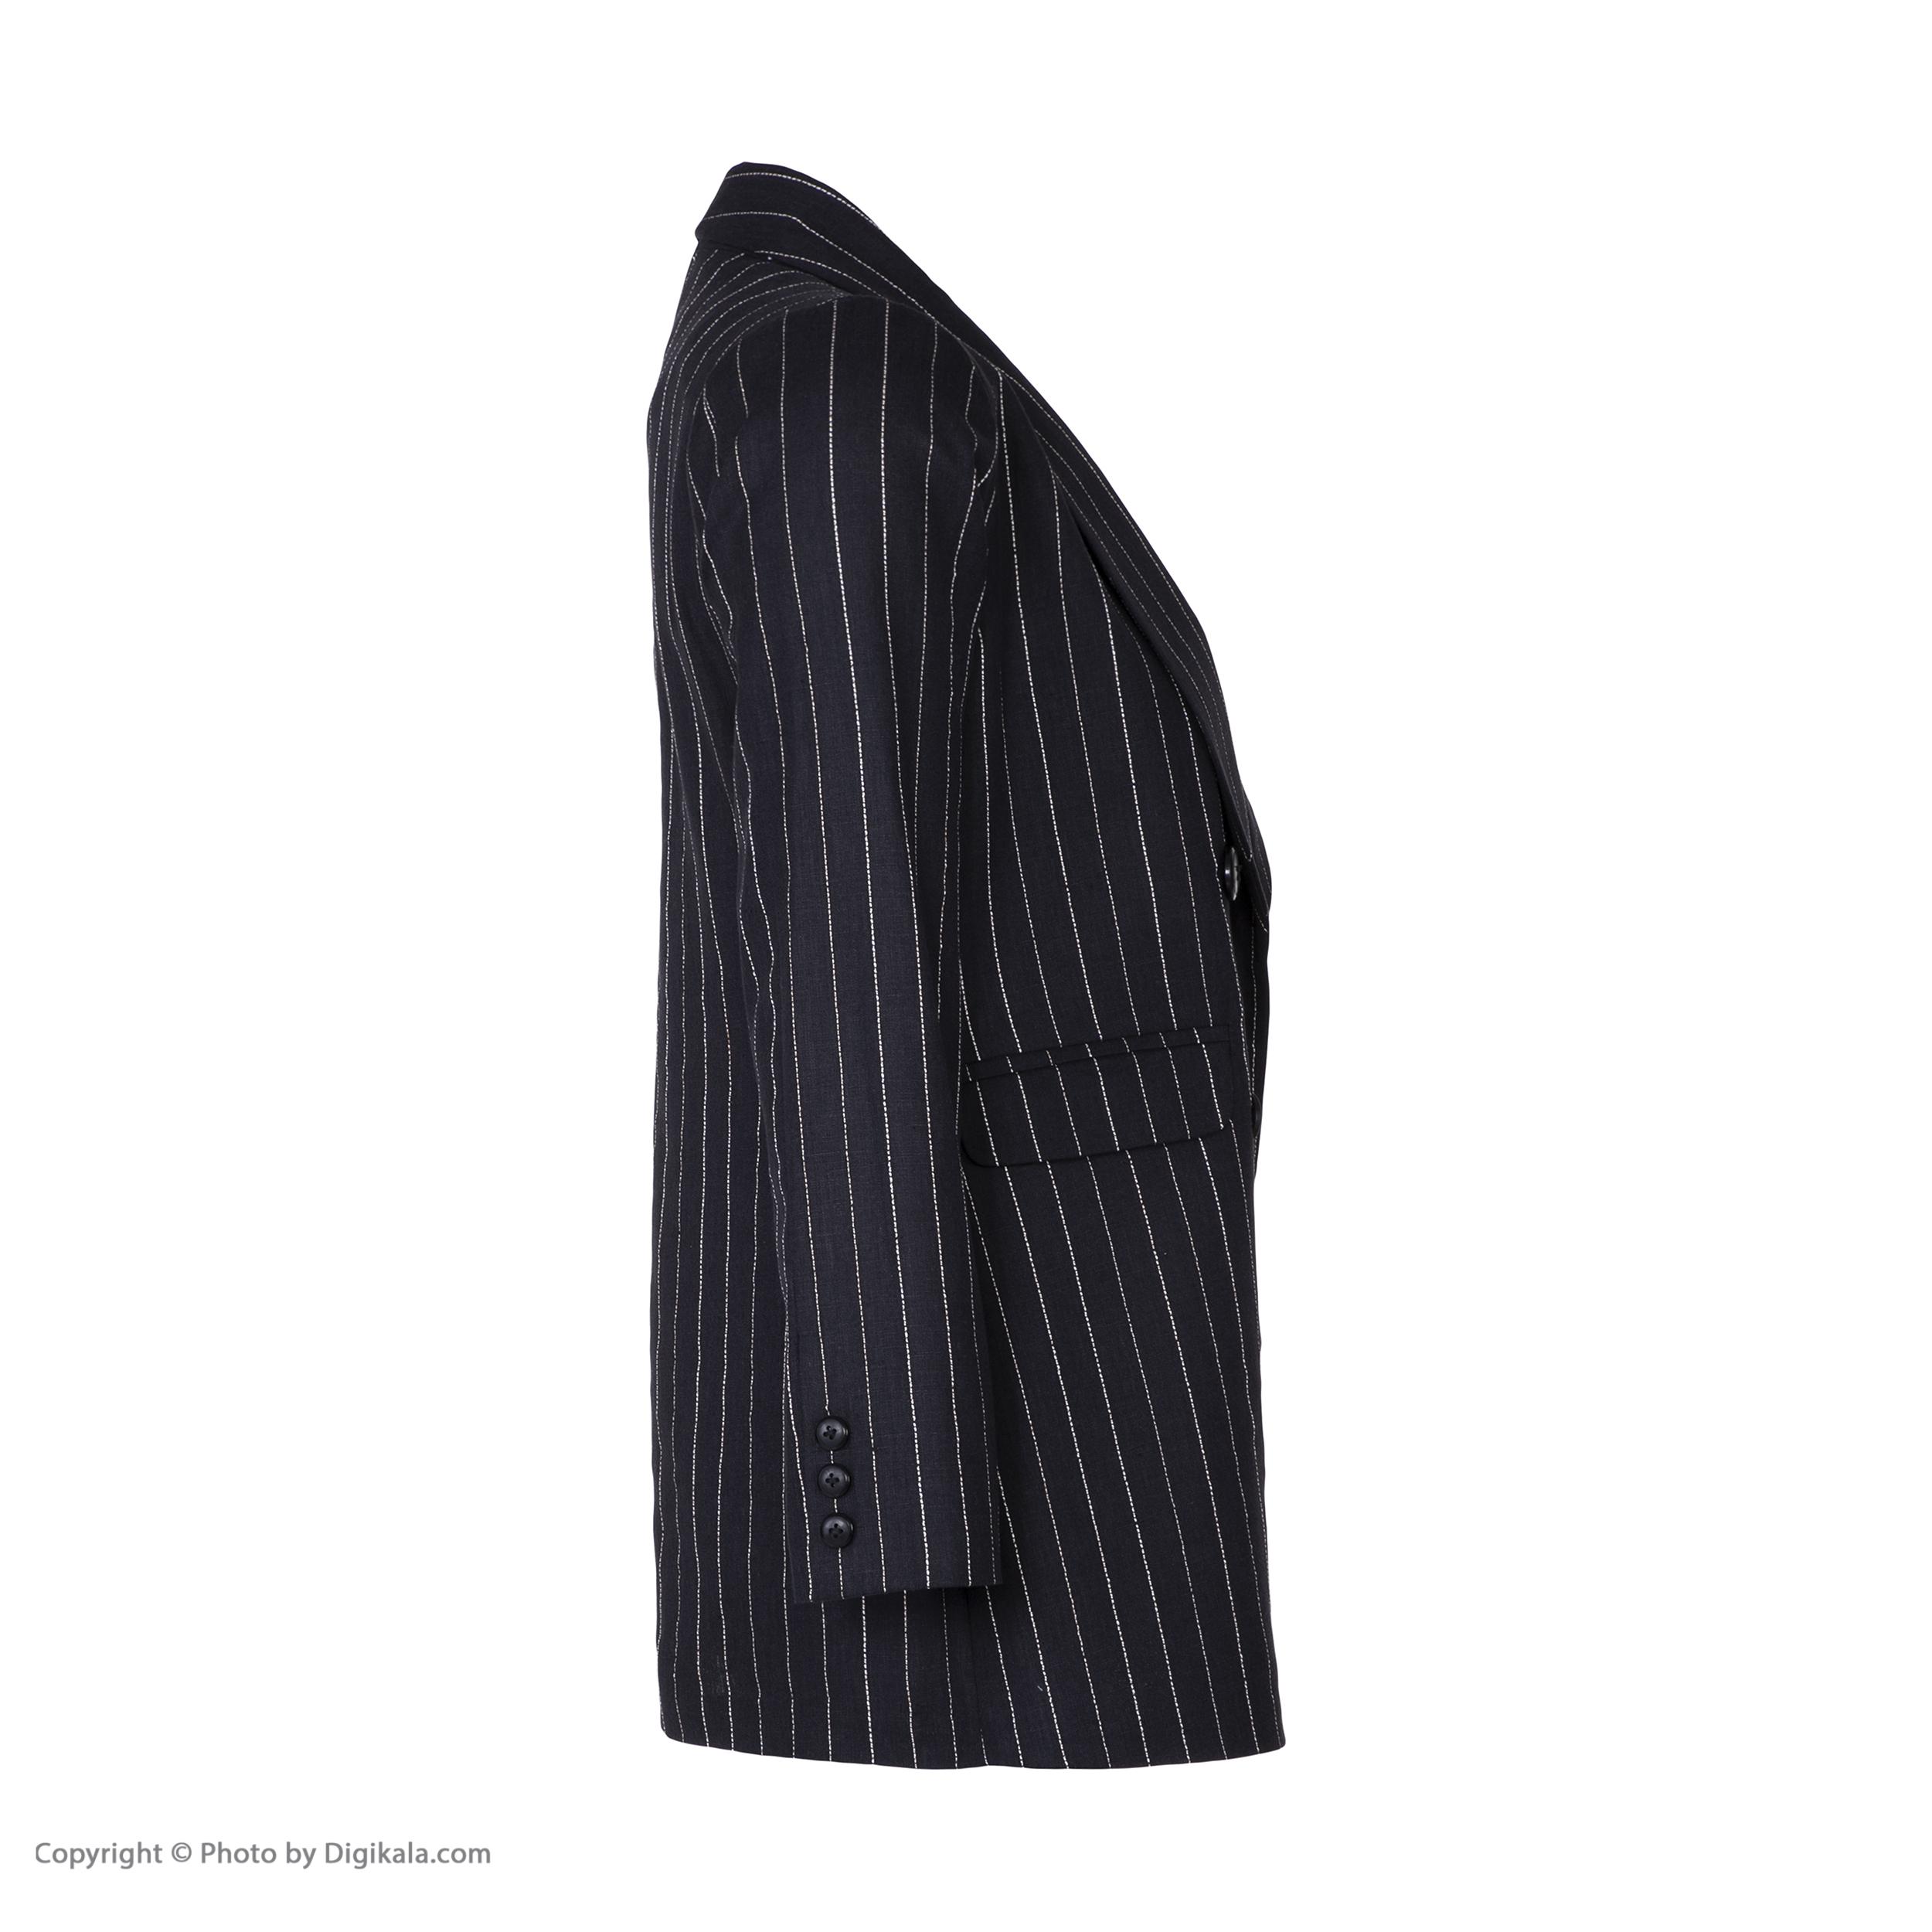 کت زنانه اکزاترس مدل I046002002120020-002